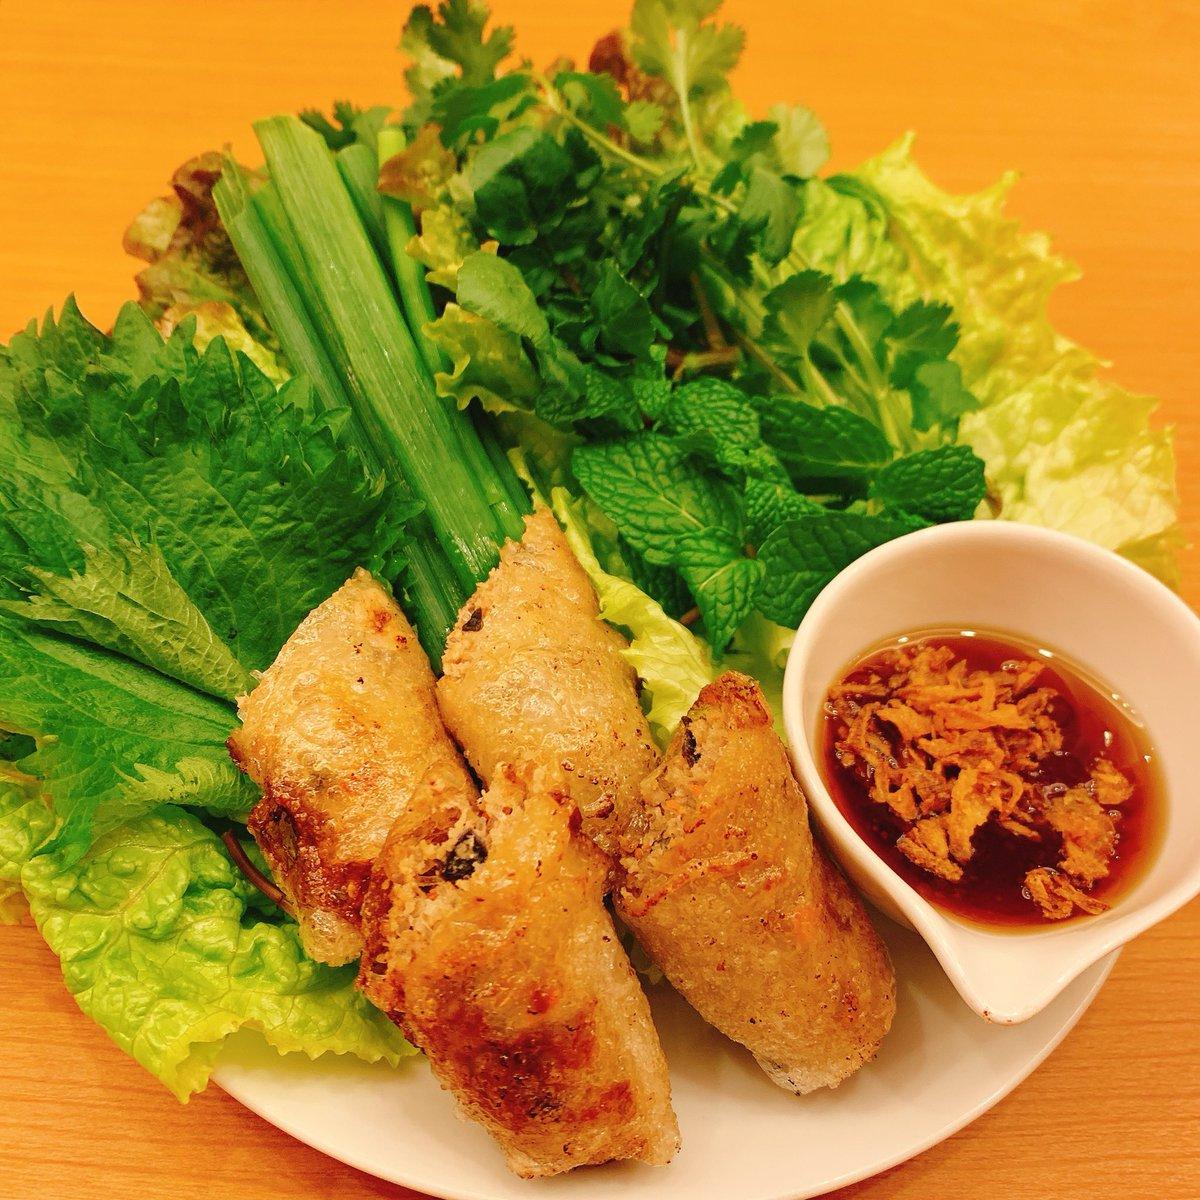 和酒バル由純、本日もオープンしました! 本日はベトナム料理、タイ料理共にやっております!!  具材たっぷりジューシーな #揚げ春巻き や、 まろやかで旨辛! #トムヤムラーメン など、和酒と合わせて楽しいお料理をご用意してお待ちしております。 https://t.co/ygrYSqa7dH